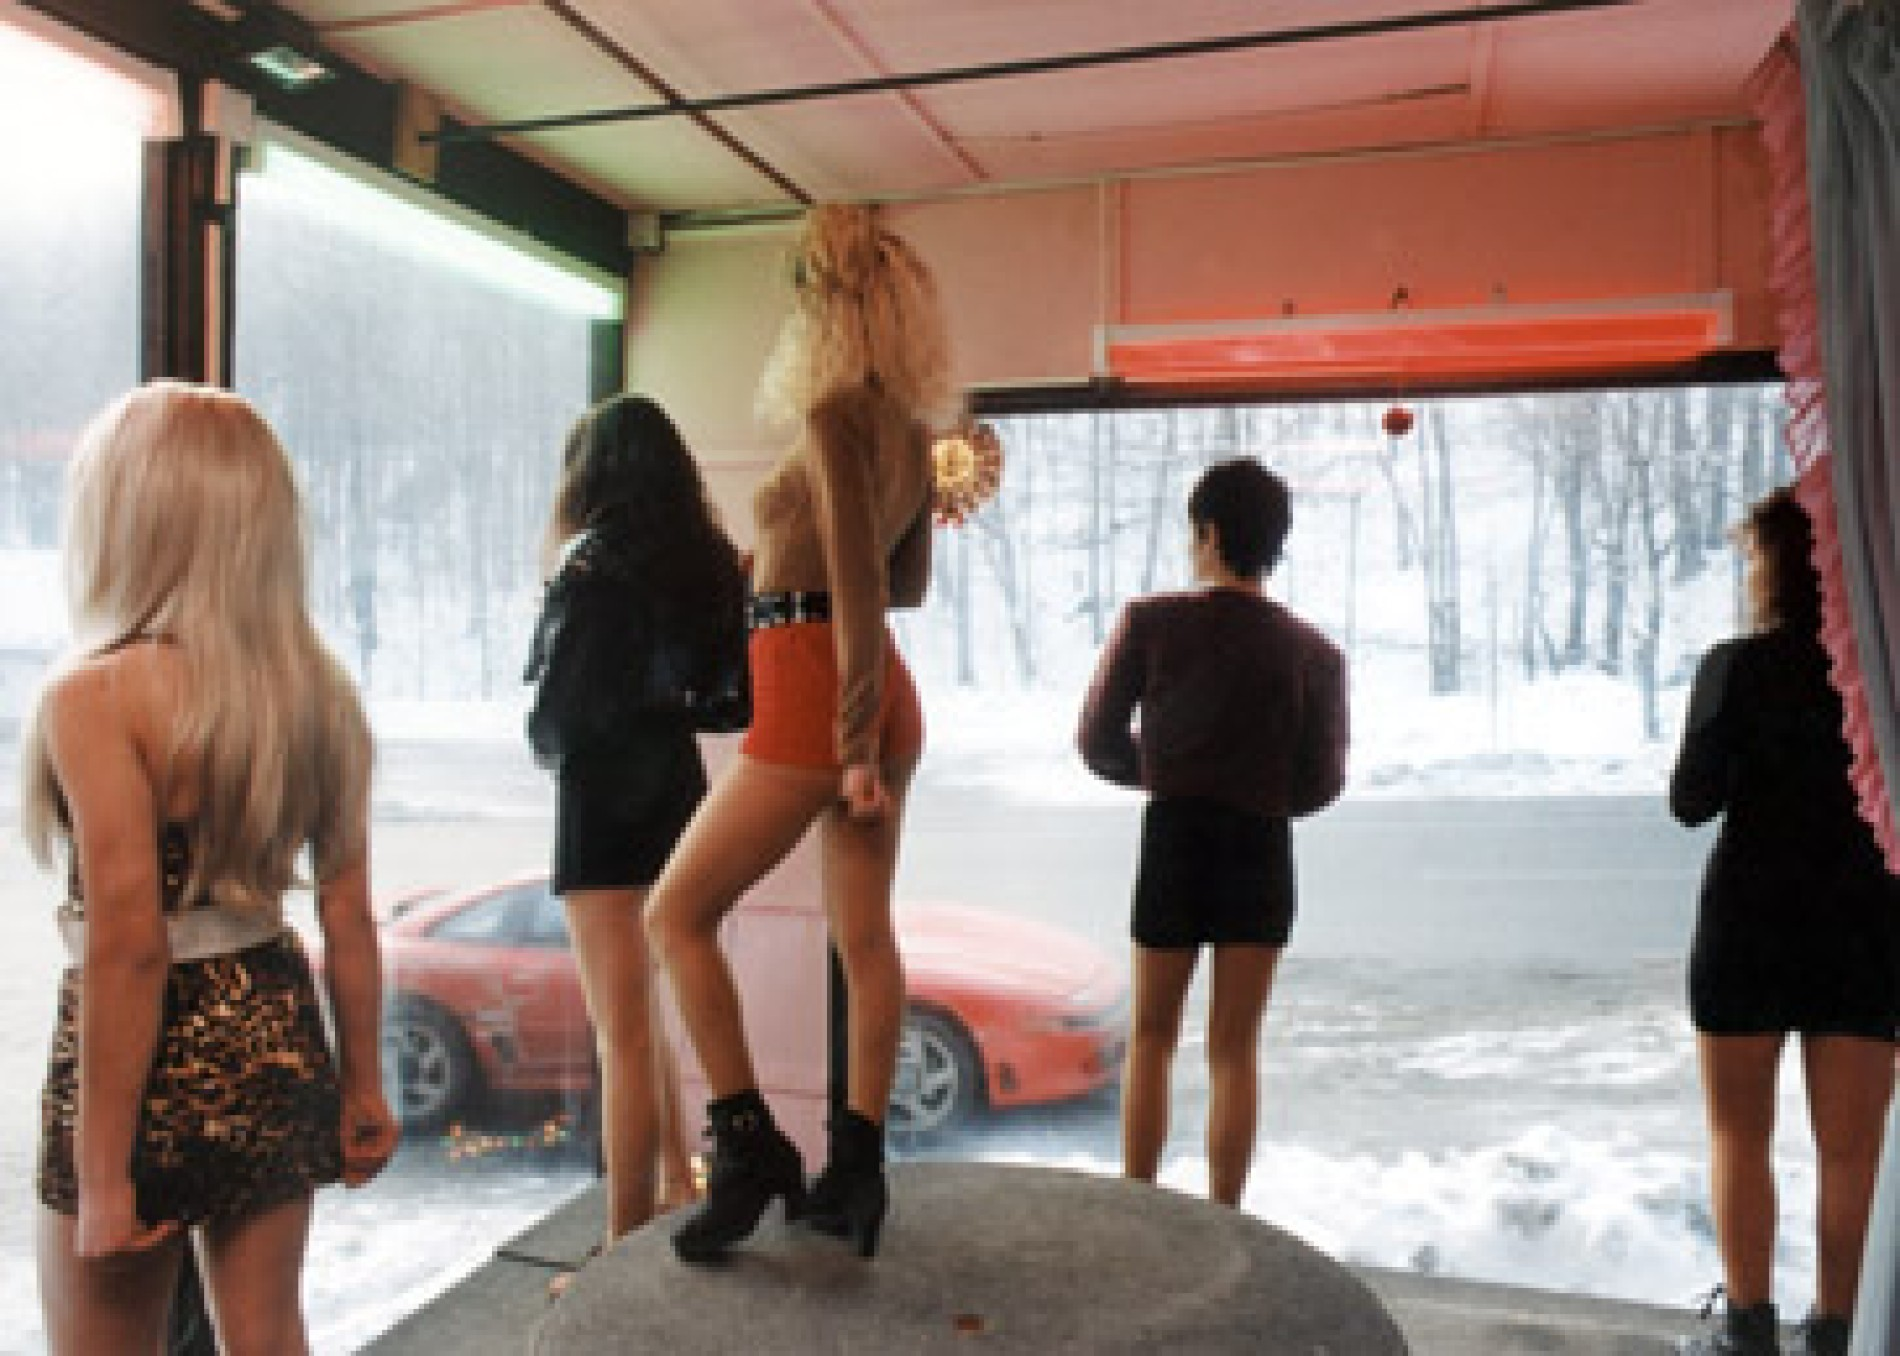 Grenze prostituierte tschechische Deutschland drumherum